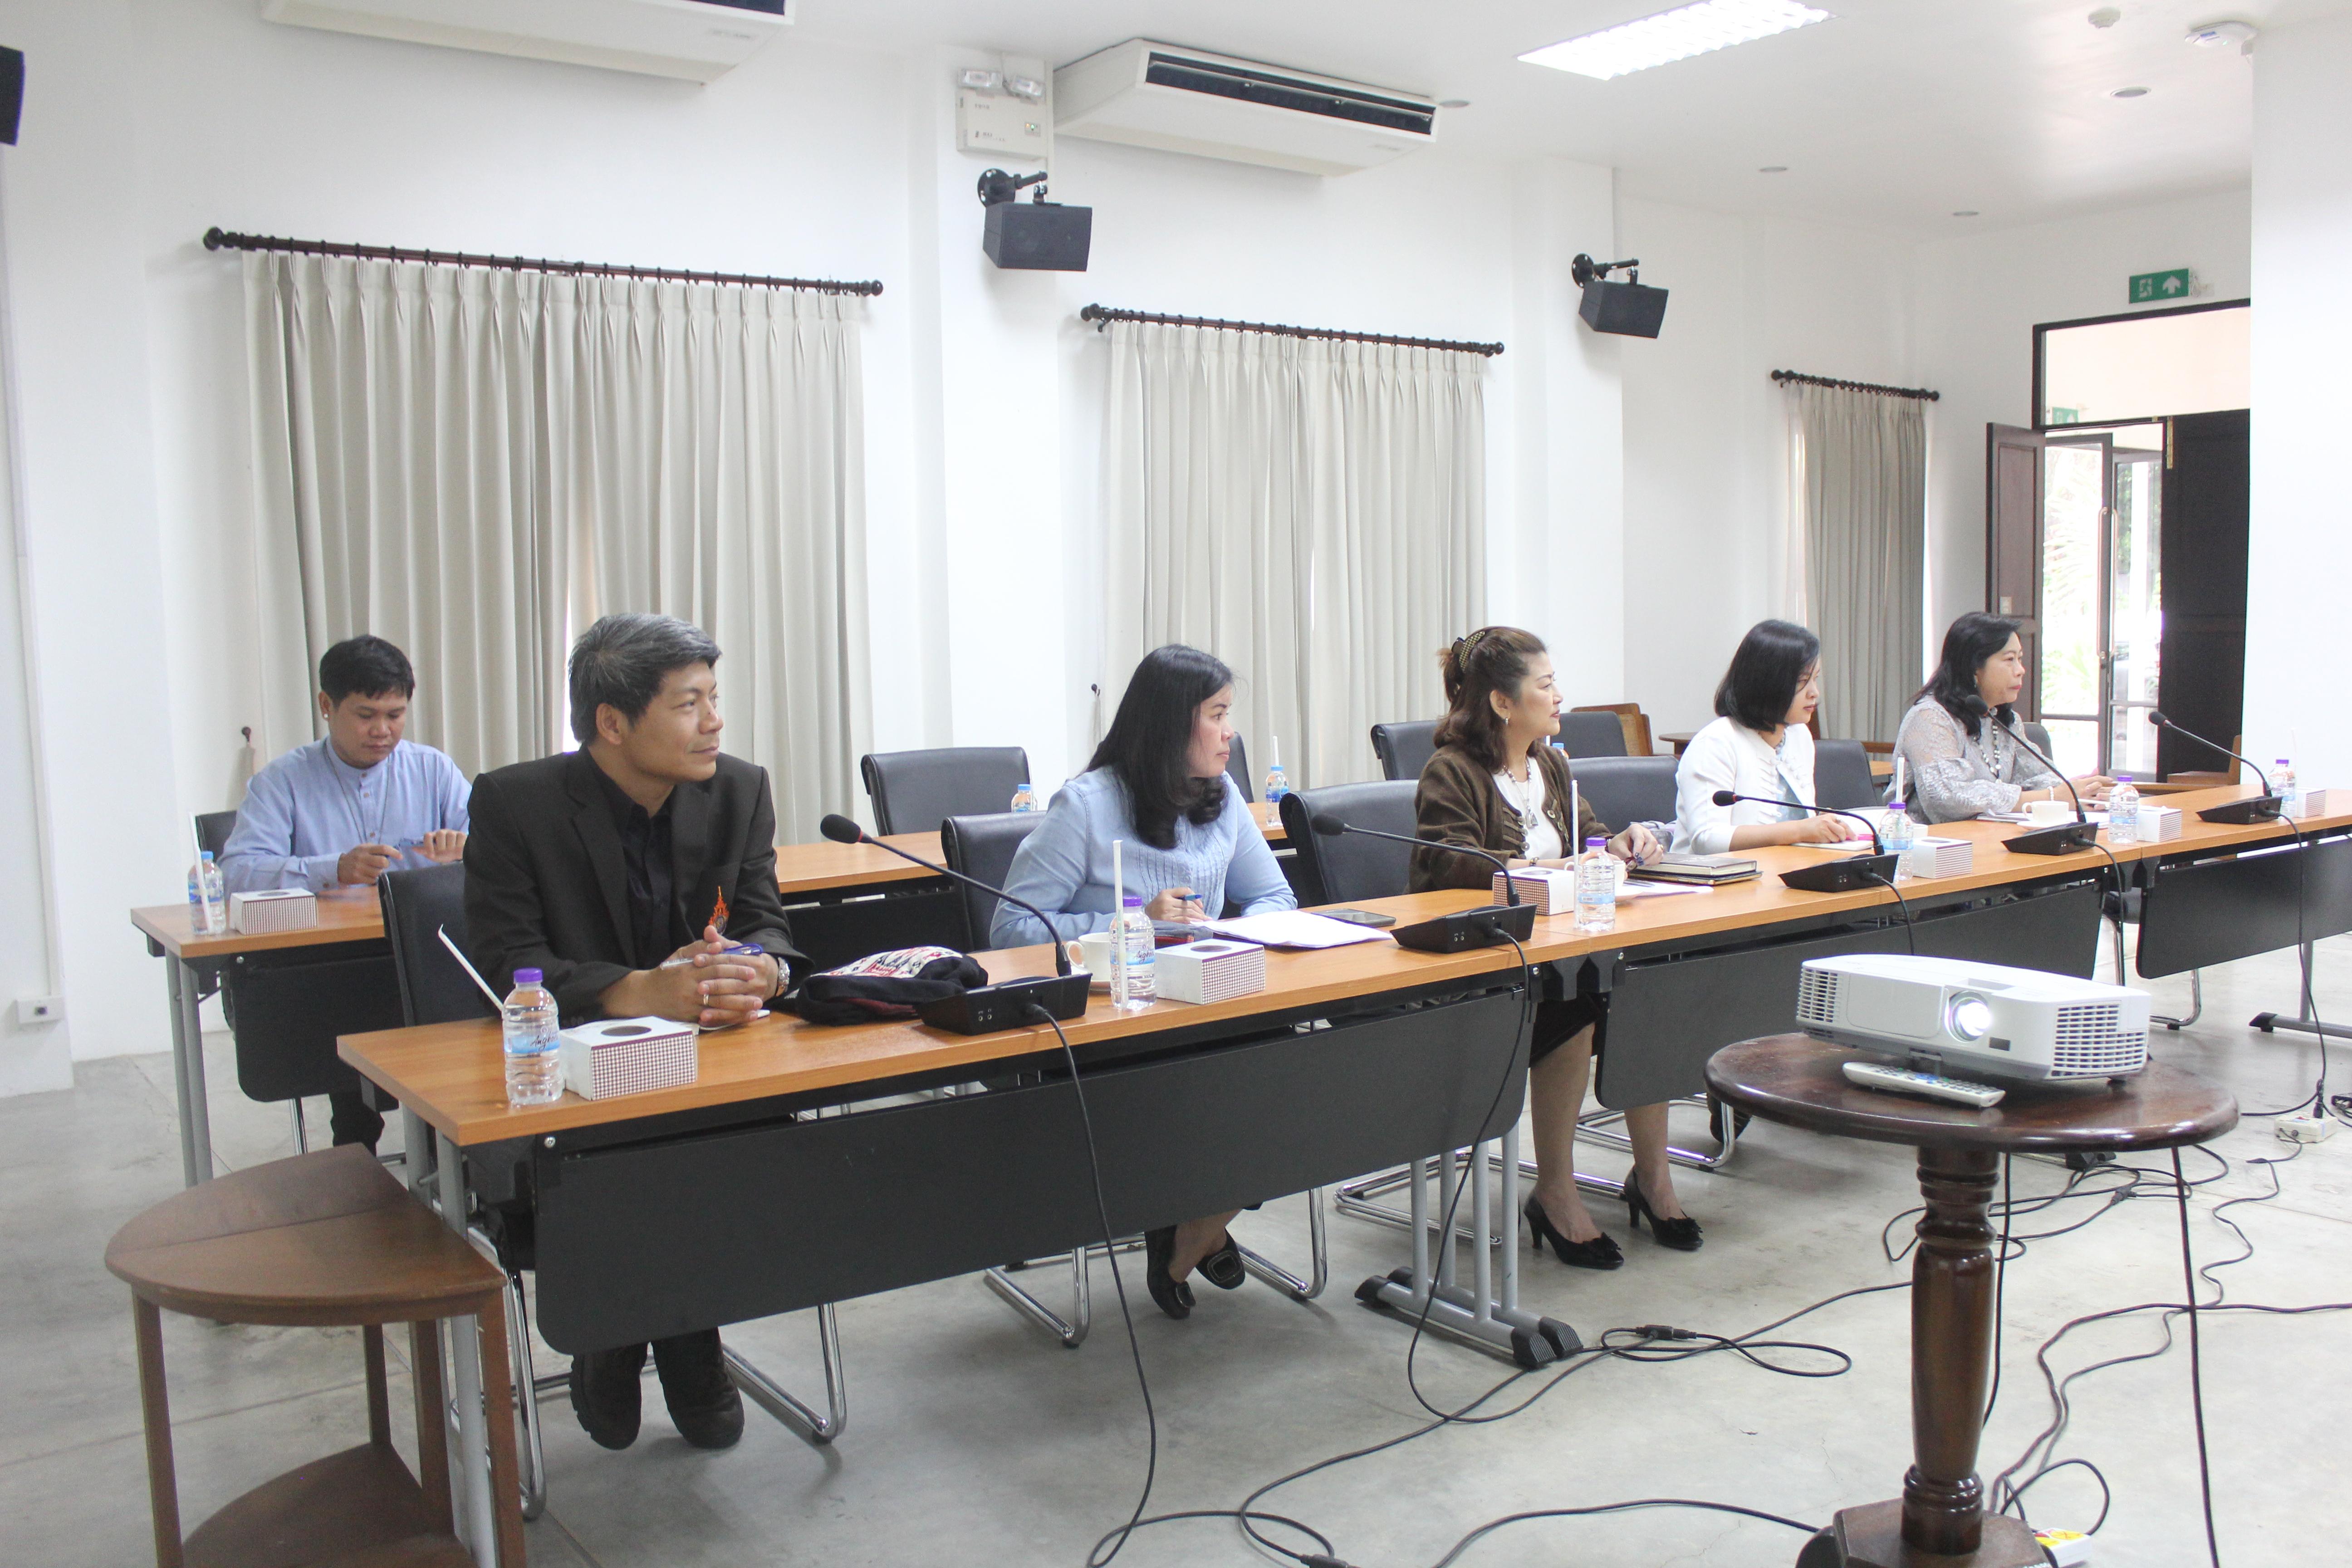 การประชุมสรุปผลการดำเนินงานการจัดประชุมสัมมนาวิชาการเครือข่ายศิลปวัฒนธรรม : สานสัมพันธ์วัฒนธรรมล้านนาศึกษา